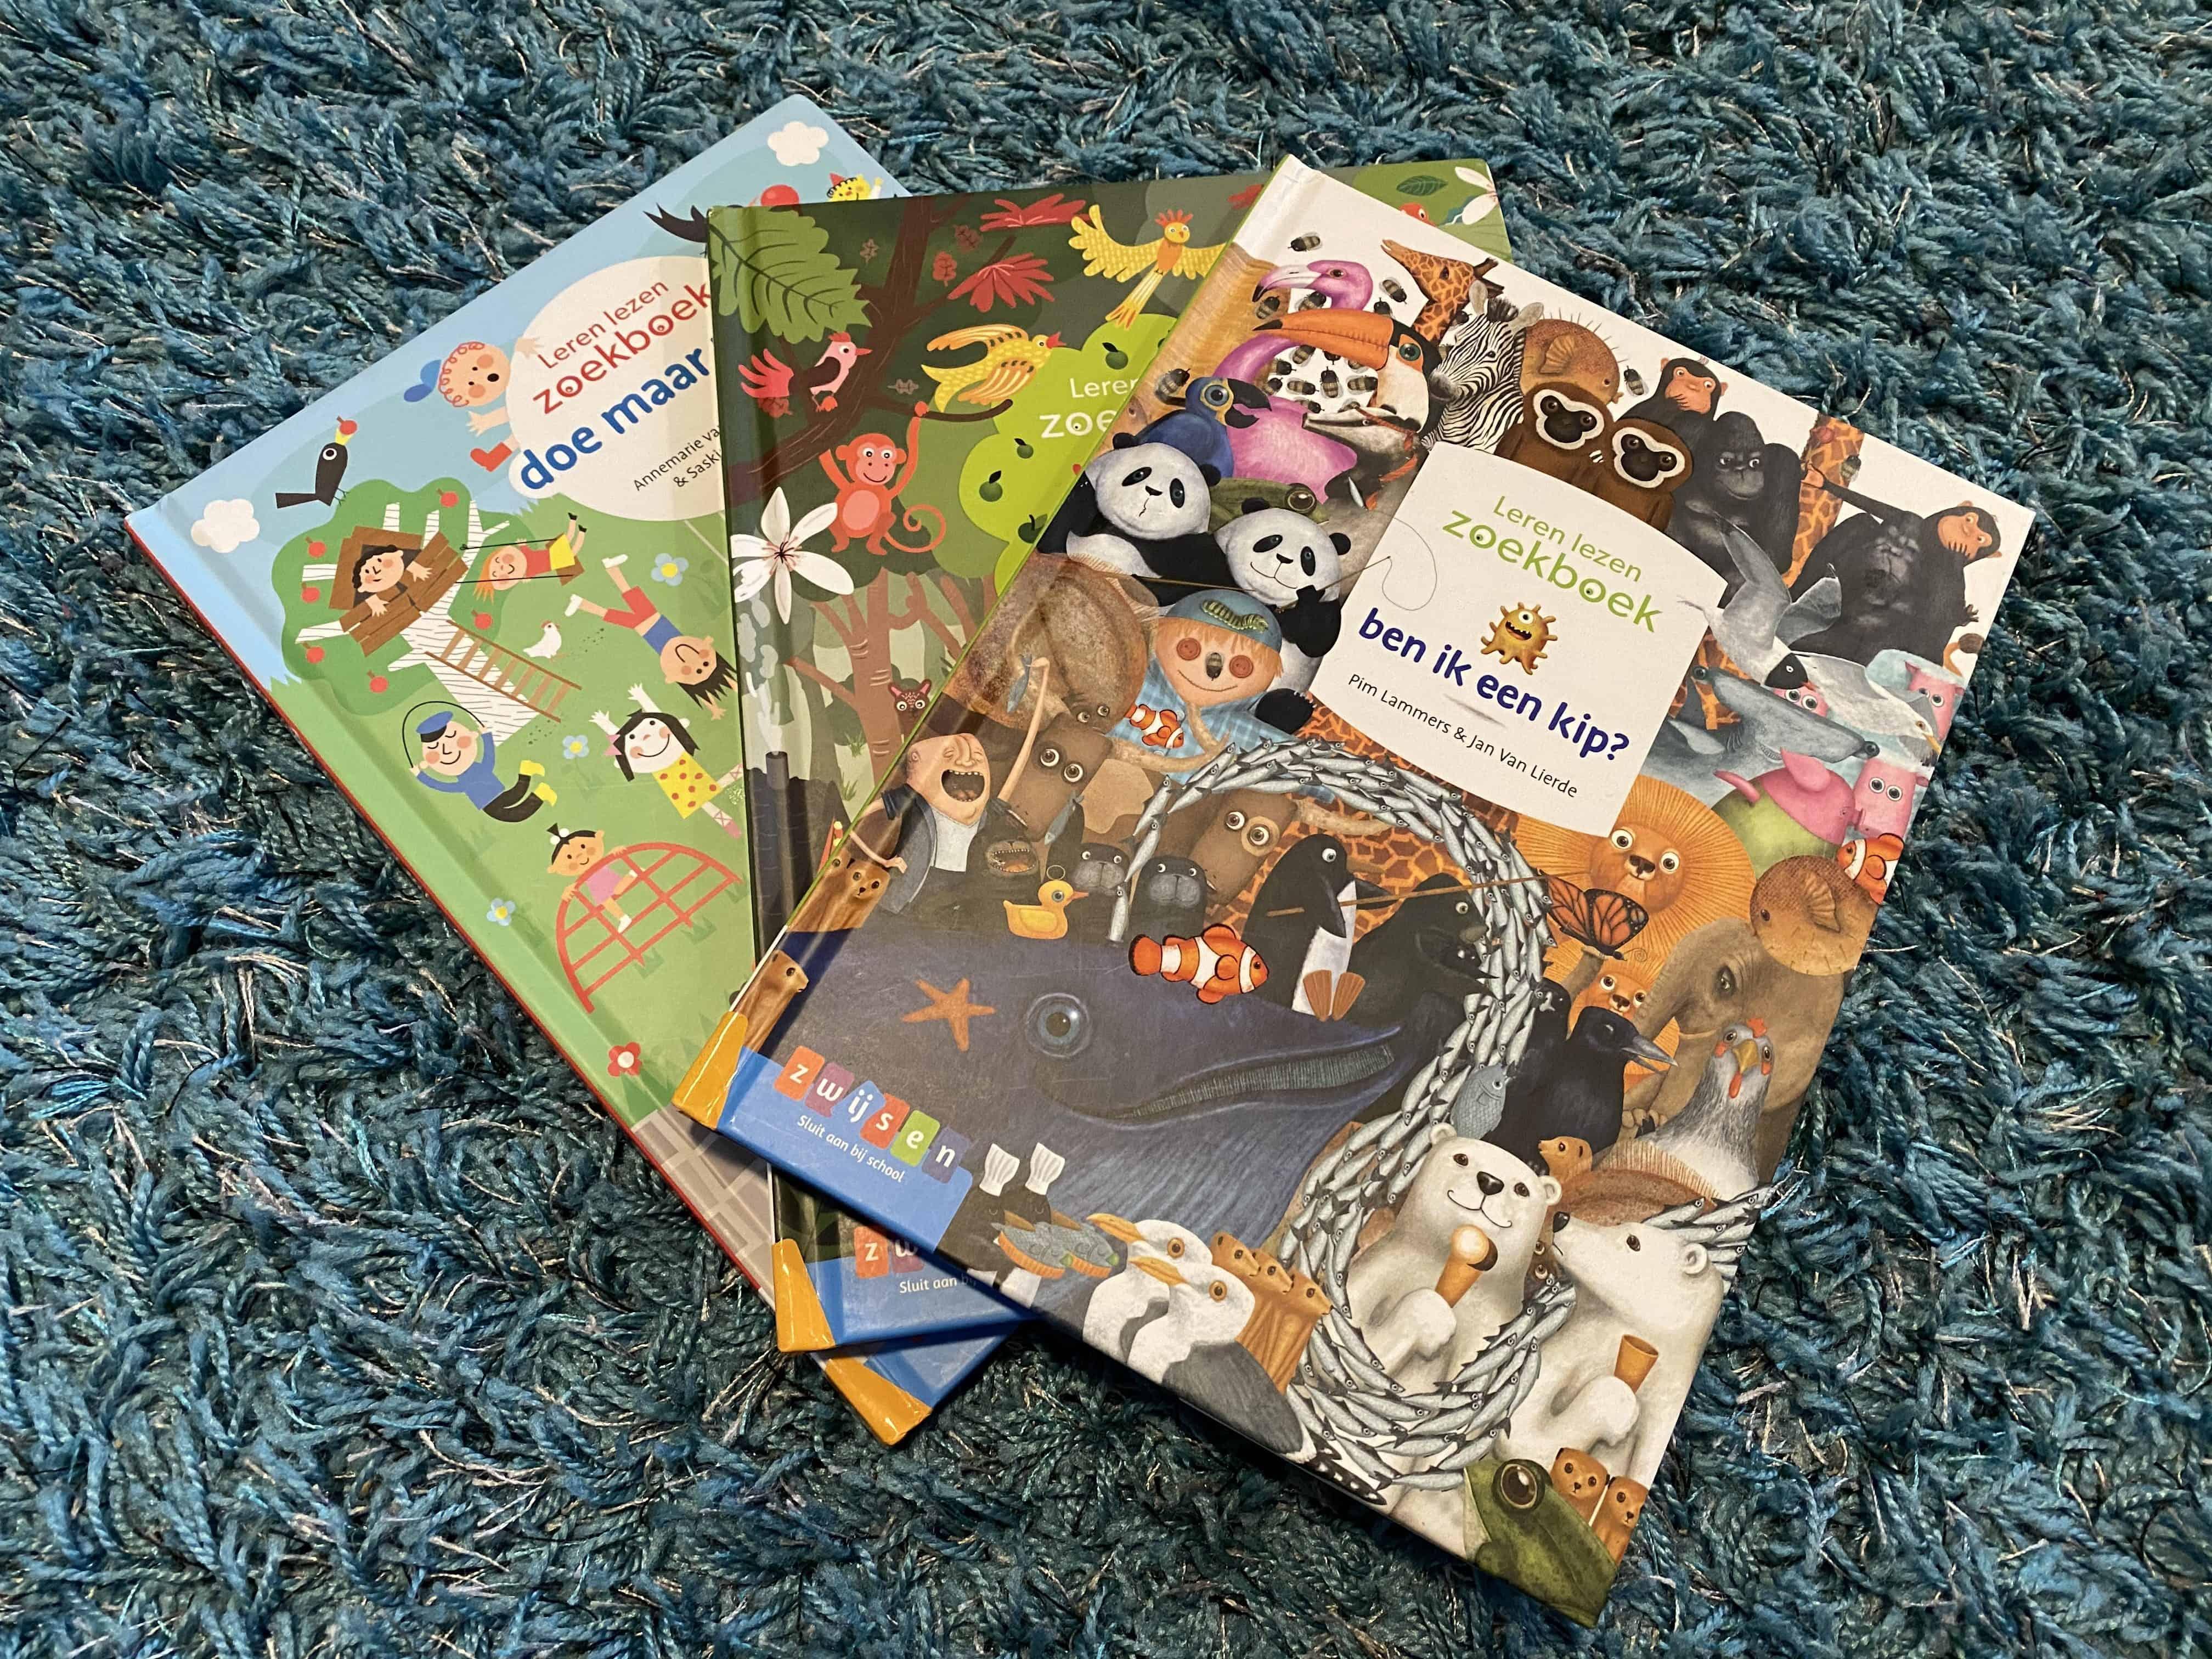 Zoekboeken voor beginnende lezers